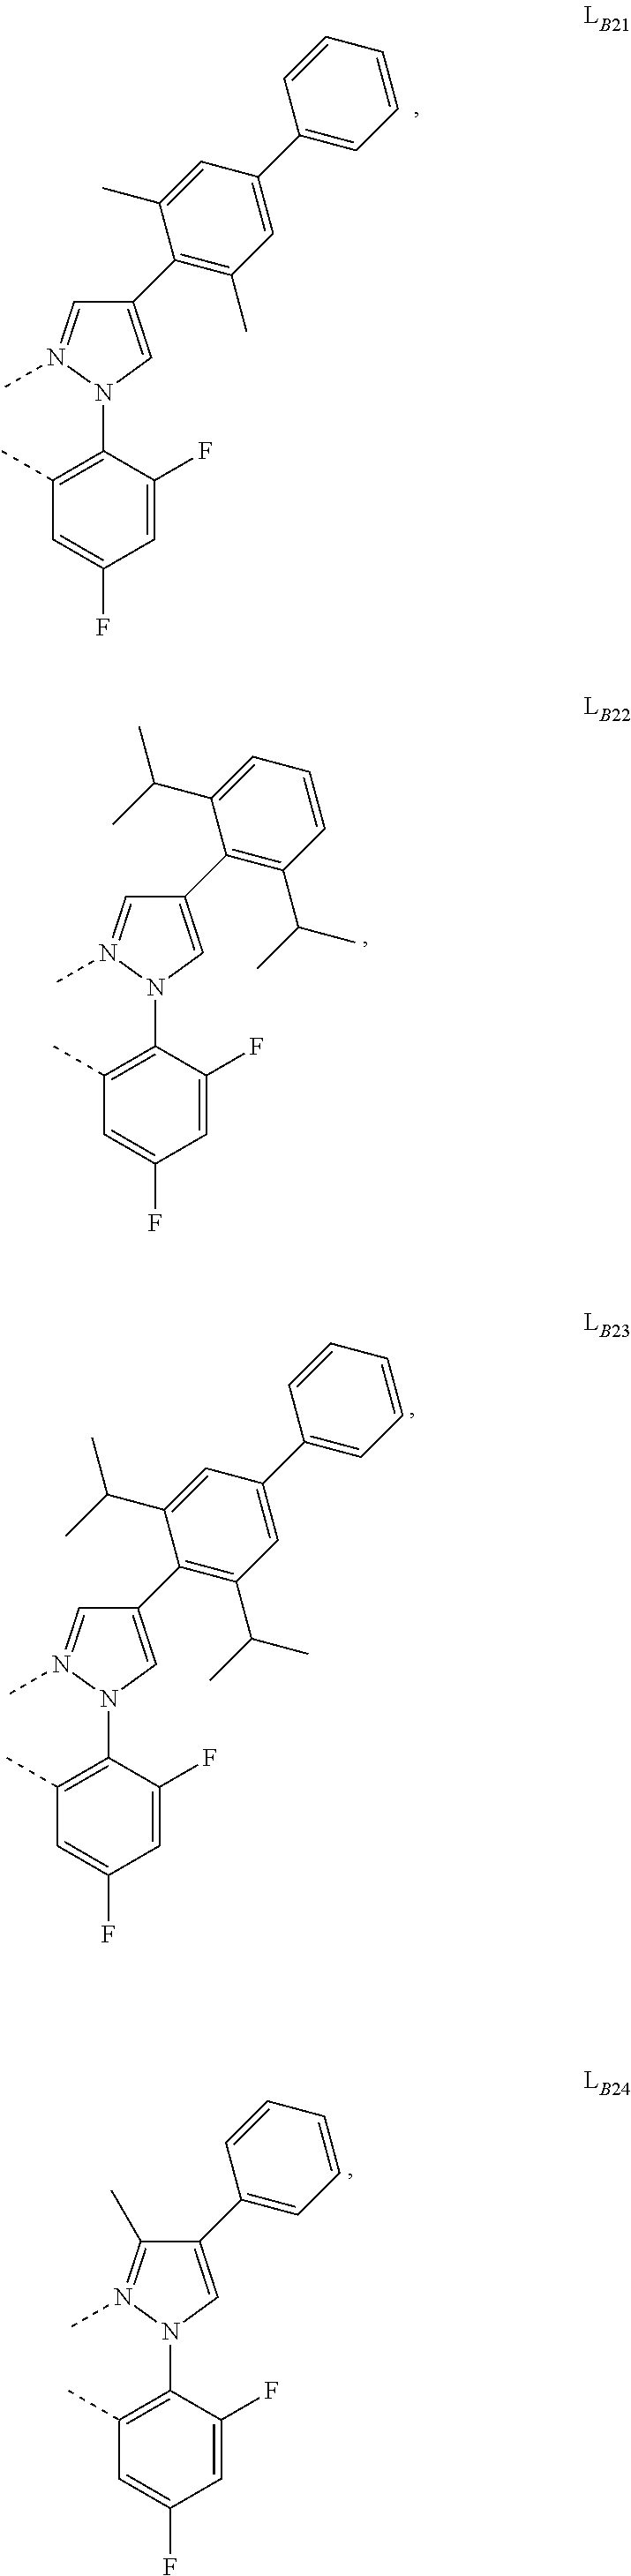 Figure US09905785-20180227-C00107